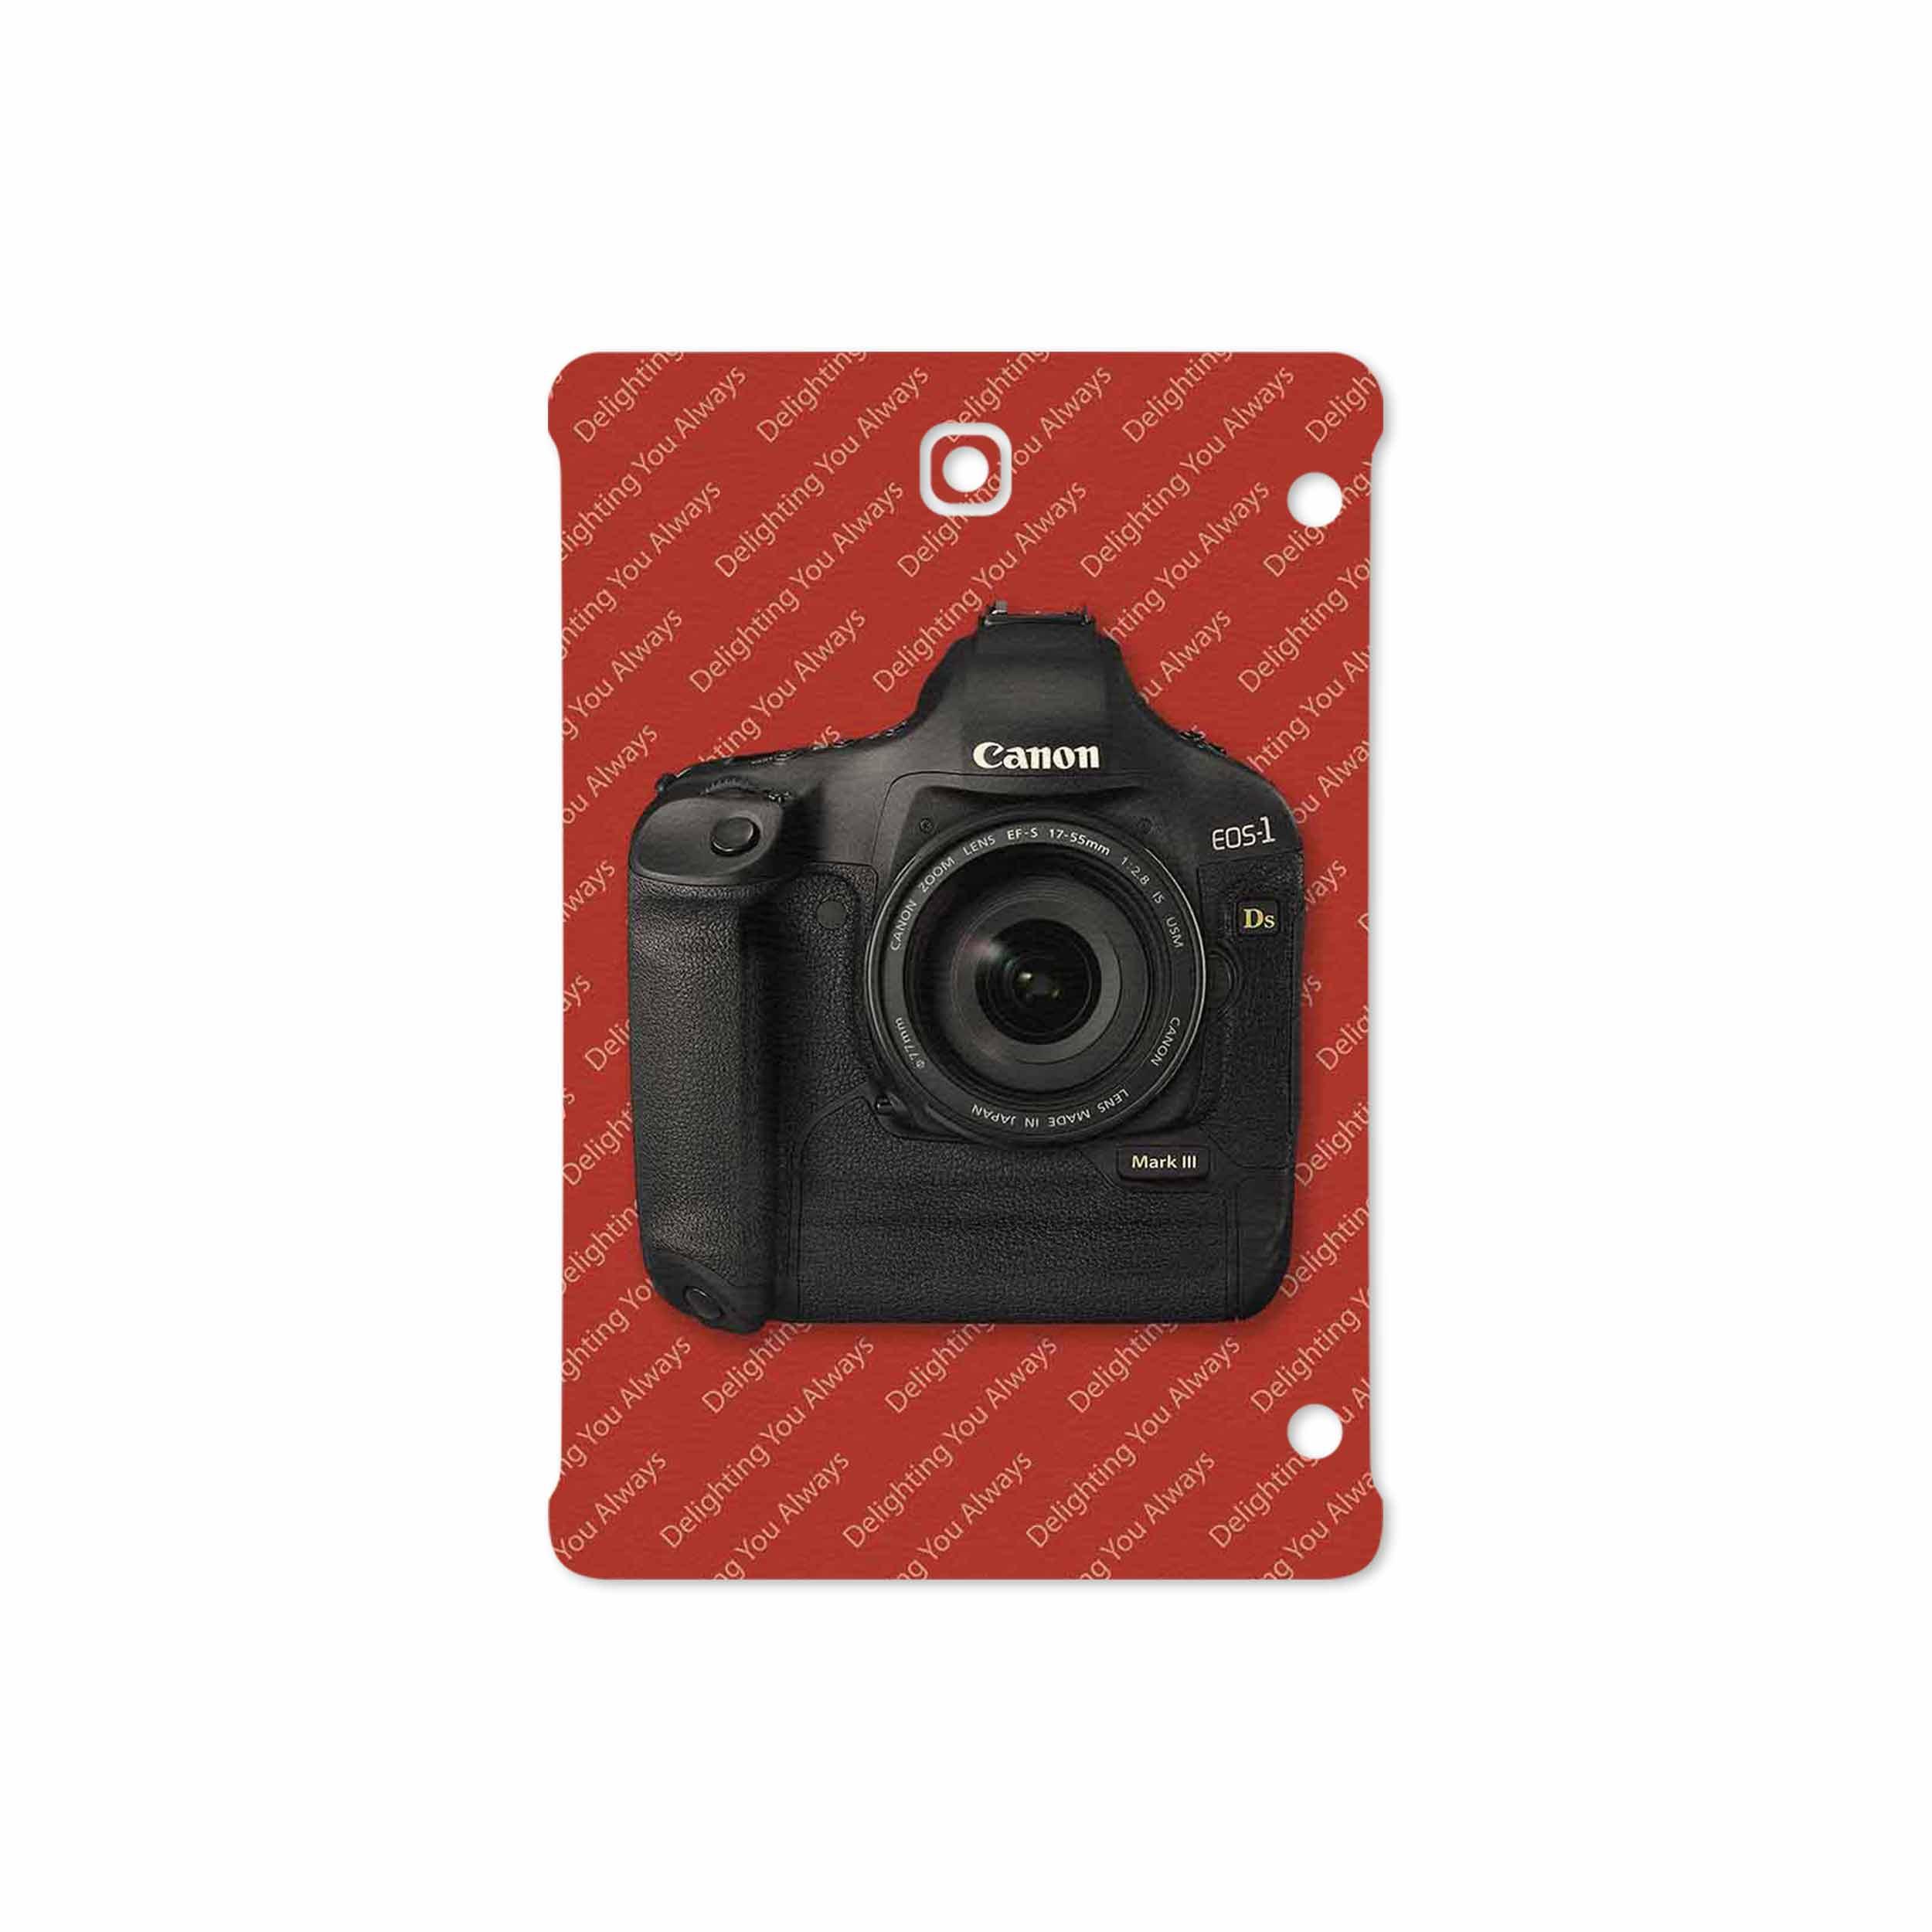 بررسی و خرید [با تخفیف]                                     برچسب پوششی ماهوت مدل Canon-Logo مناسب برای تبلت سامسونگ Galaxy Tab S2 8.0 2016 T719N                             اورجینال